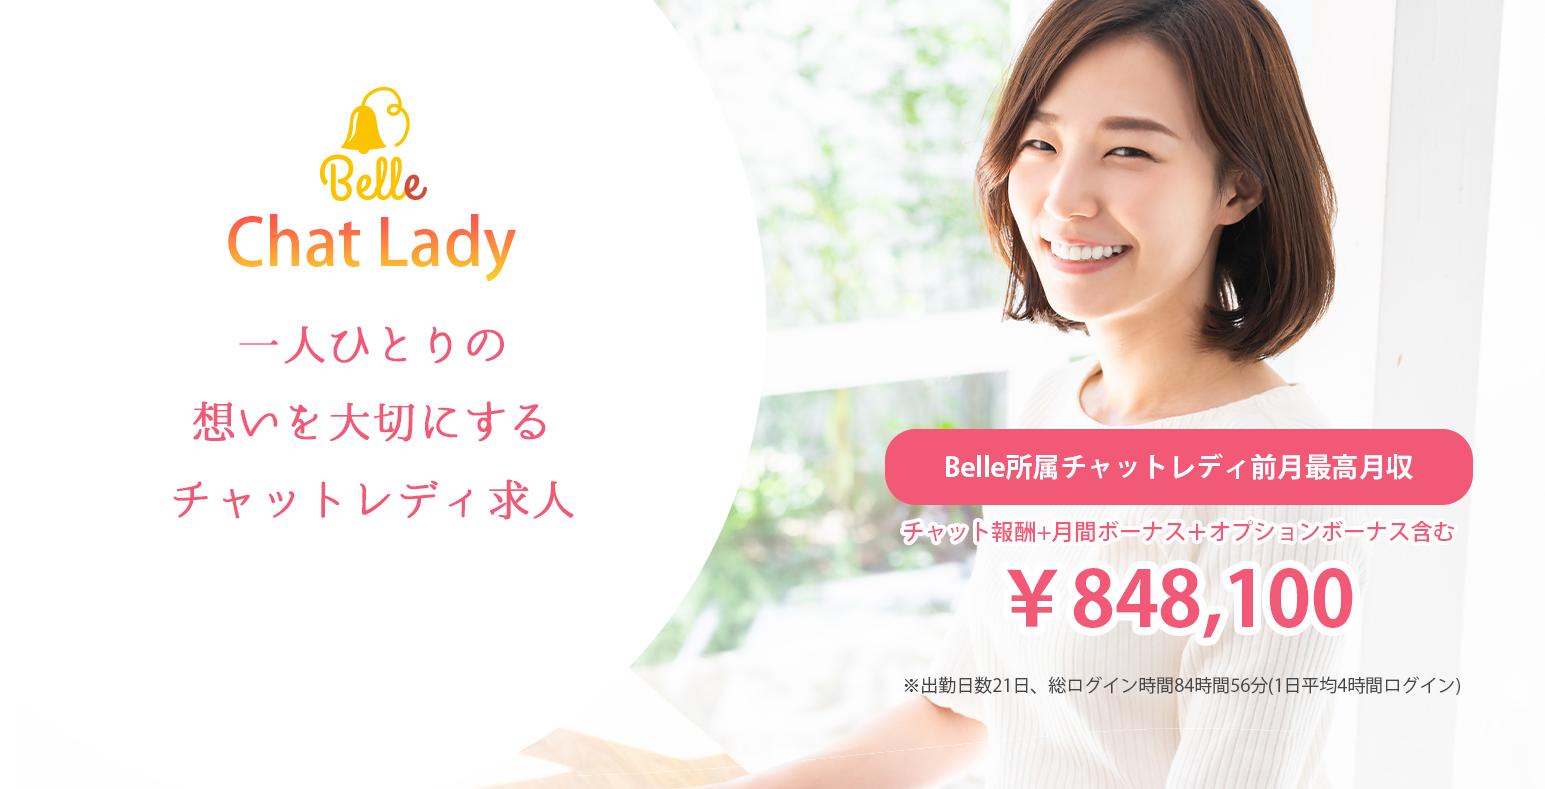 一人ひとりの想いを大切にするチャットレディ求人Belle所属チャットレディ前月最高月収¥848,100チャット報酬+月間ボーナス+オプションボーナス含む